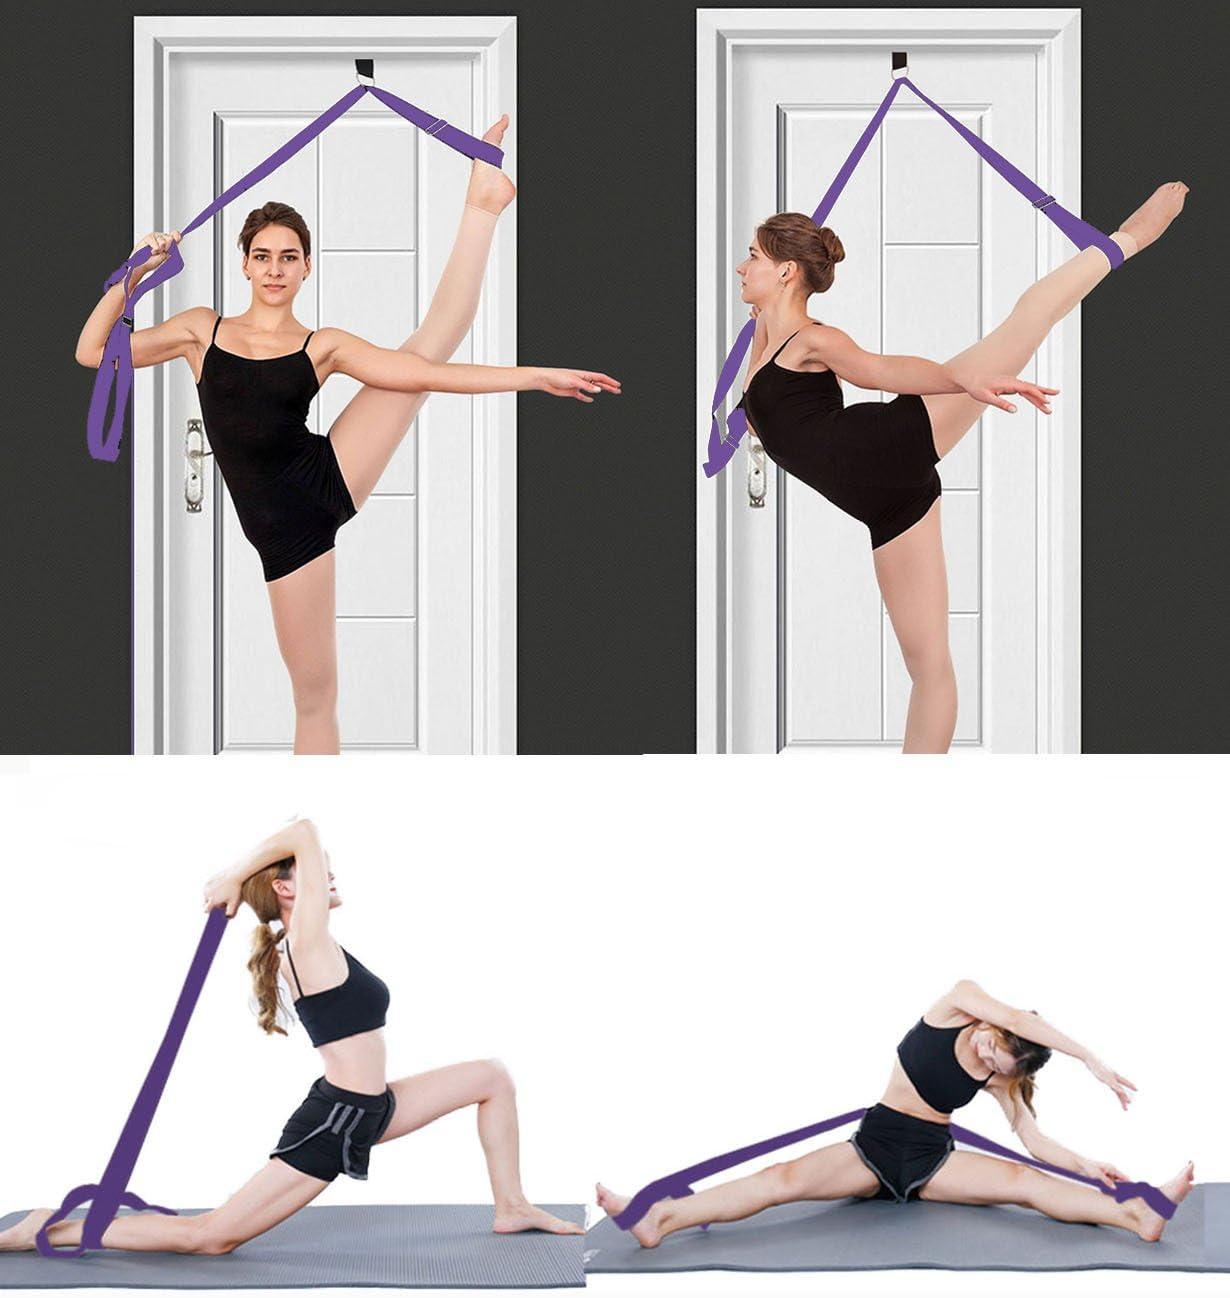 Flexibler Trainer Bein perfekten heim Tragbare ger/äte zum tanzen gymnastische /übung Taekwondo /& MMA Manco Luella Bein trage Band an der t/ür Ballett Yoga Pilates flexibilit/ät zu verbessern;